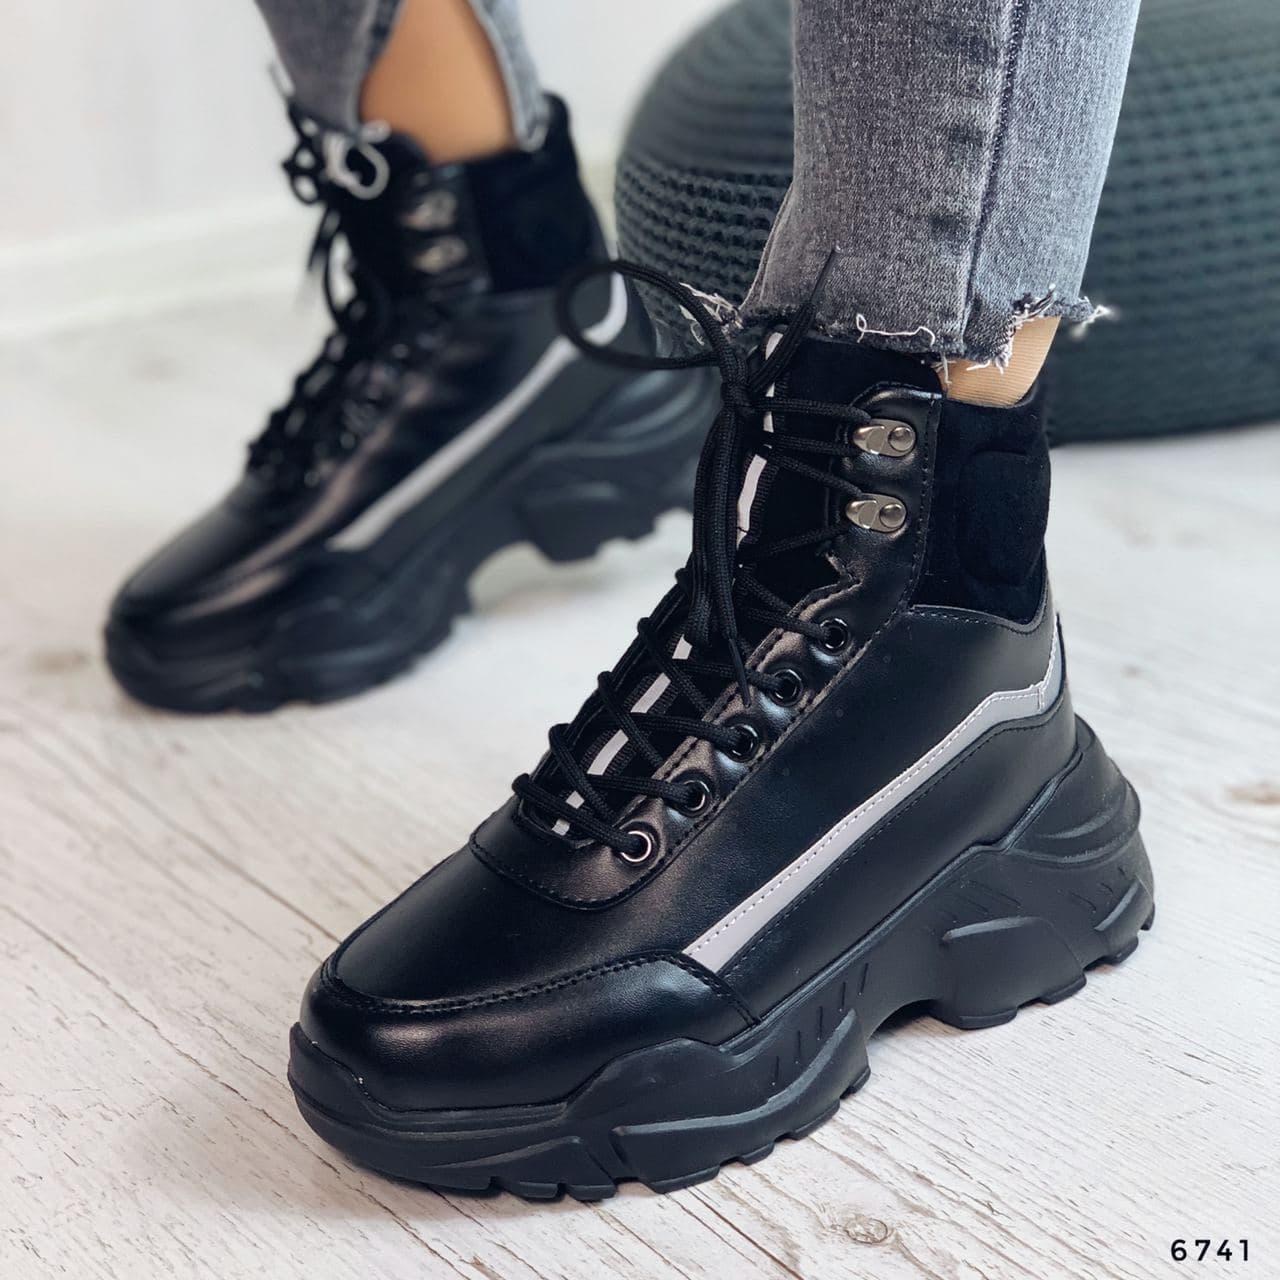 Кросівки жіночі чорні, зимові з еко шкіри. Кросівки жіночі теплі чорні на платформі